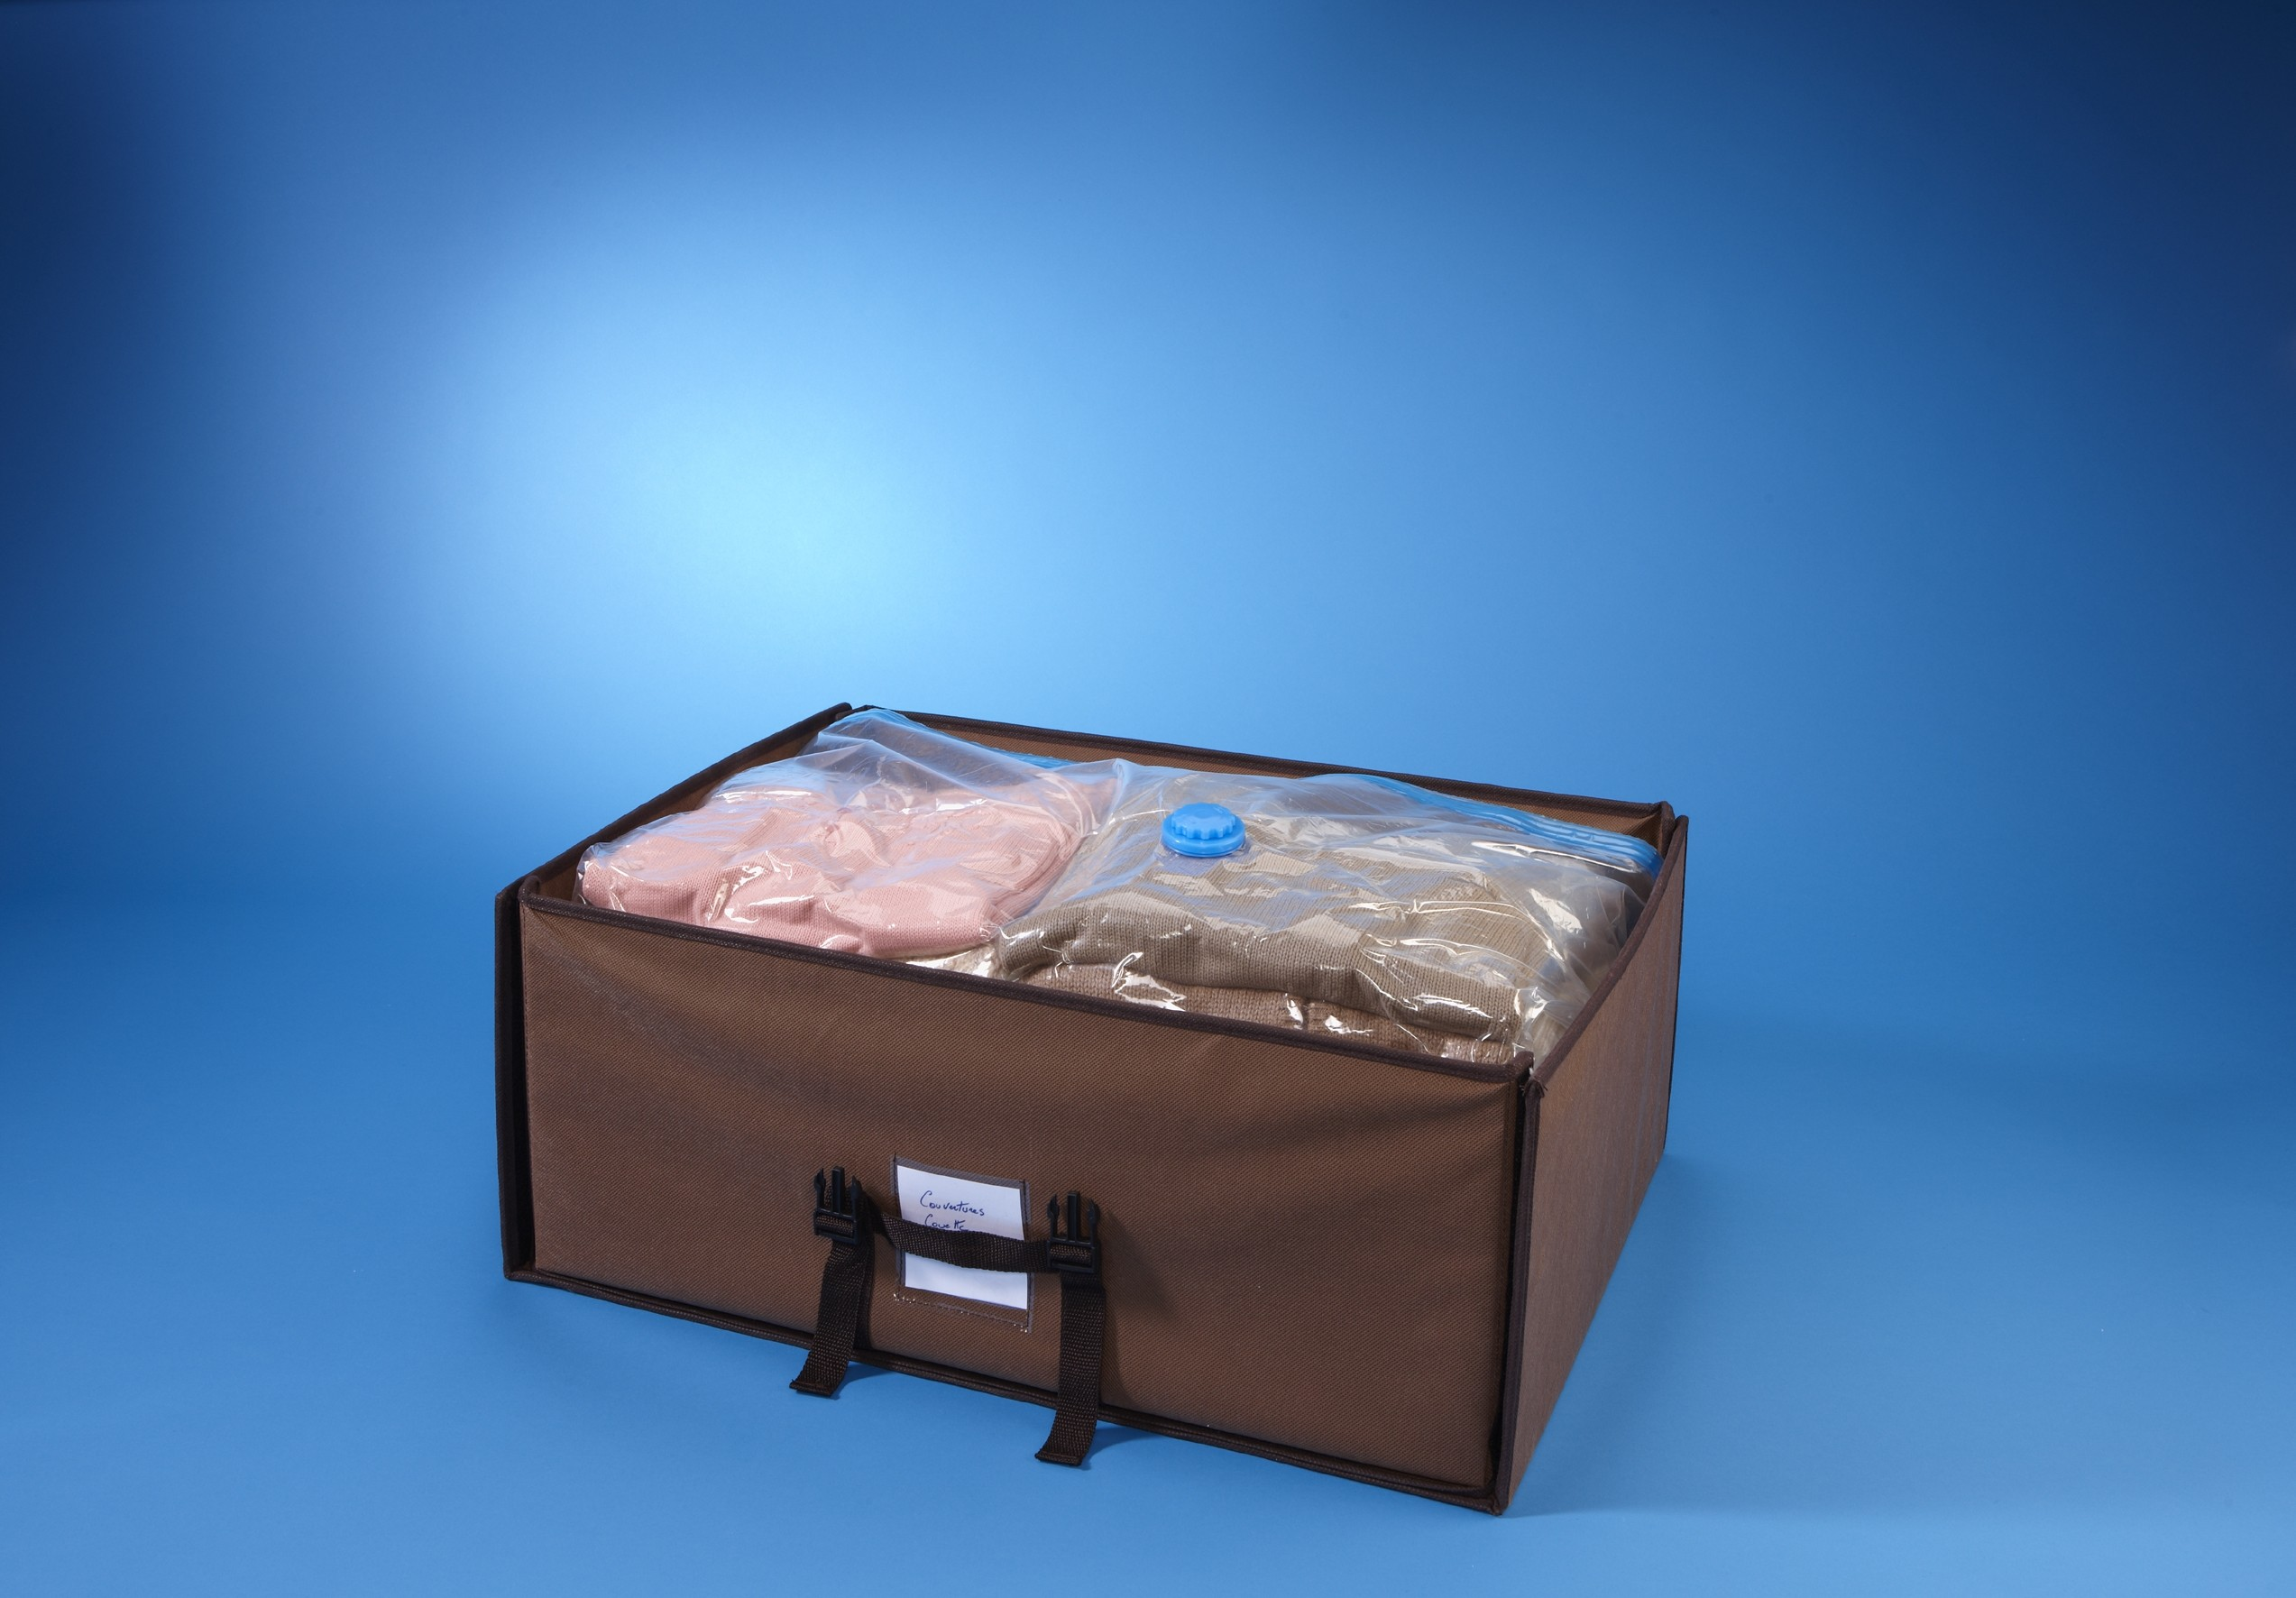 Housse de rangement sous vide valise 50 x 65 x 15cm + housse 70x105x32cm